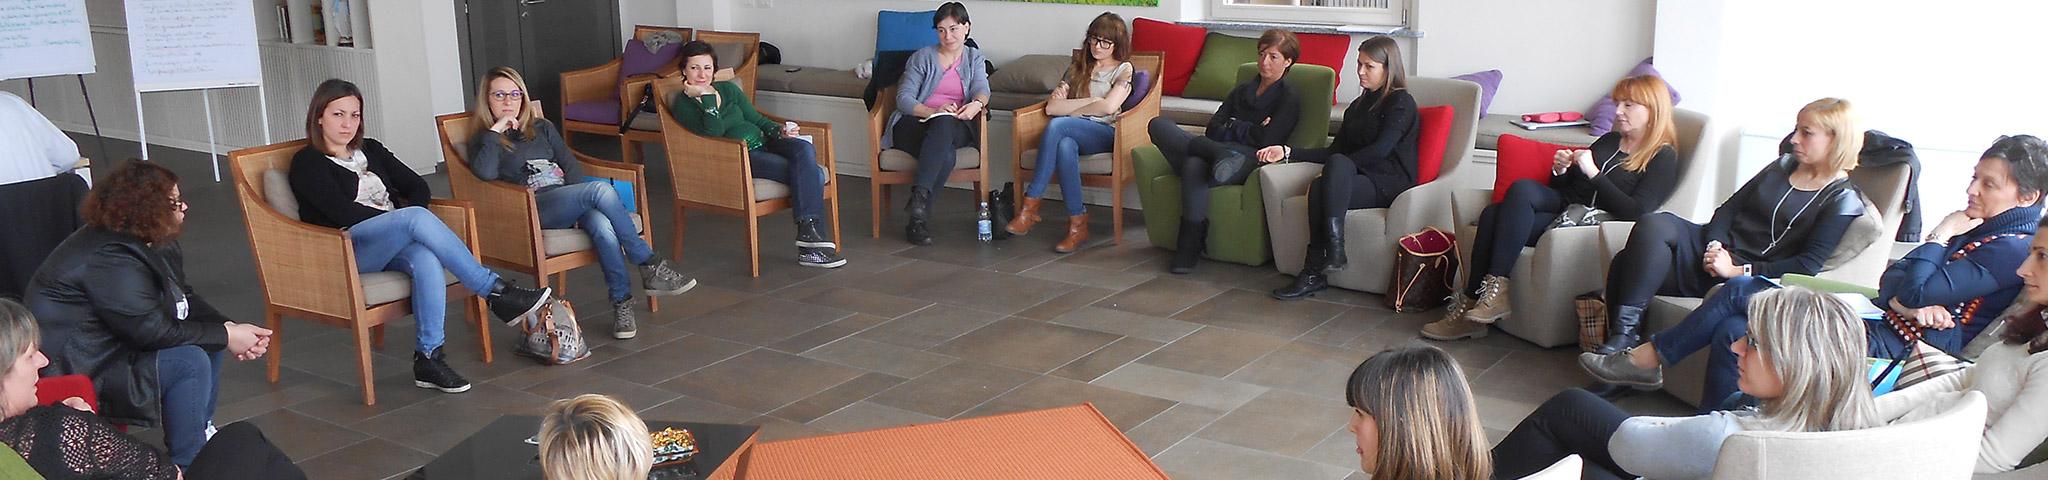 Cooperativa GEIS - Corsi per i Genitori